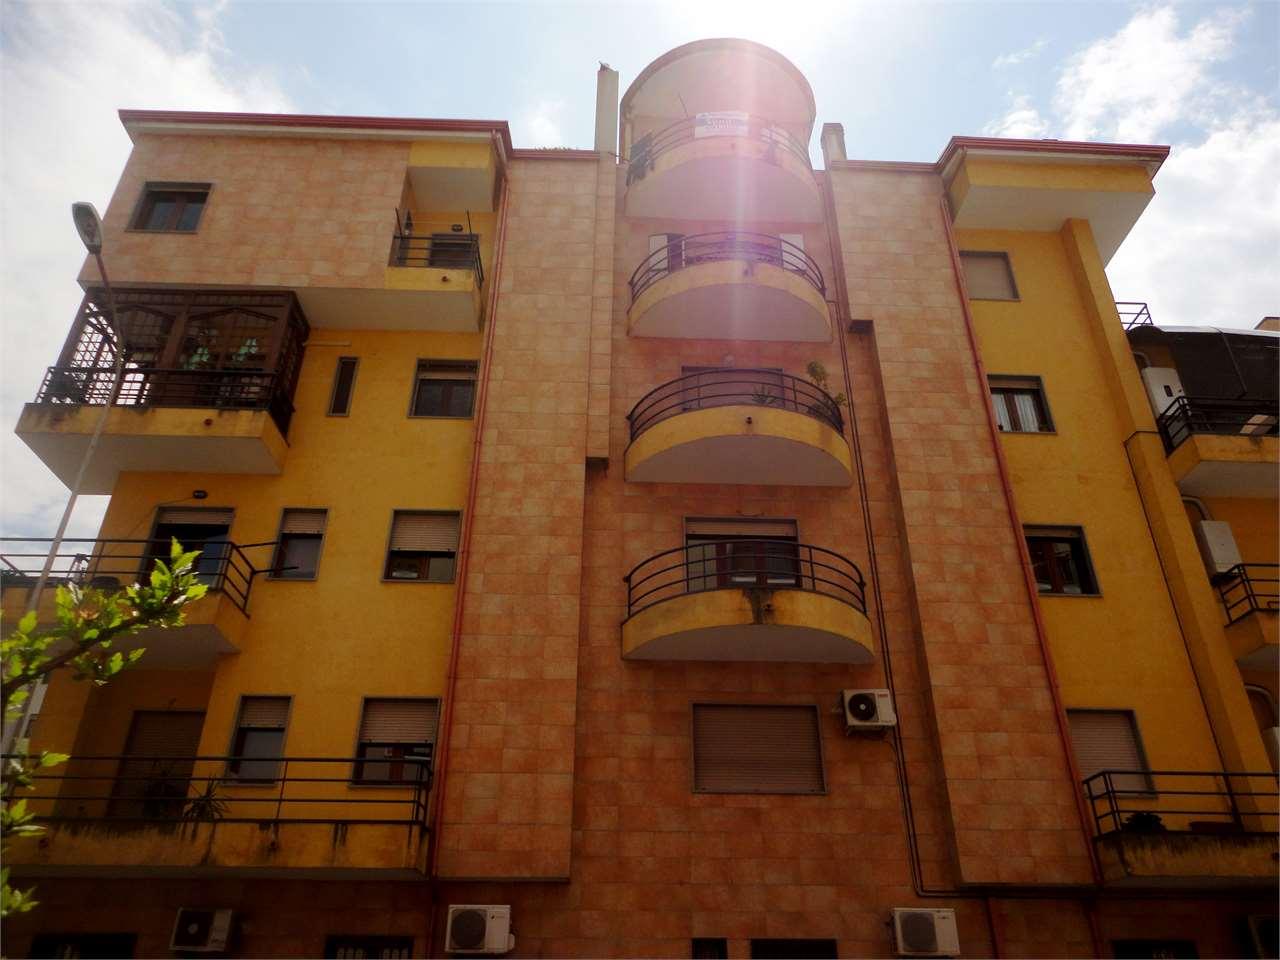 Attico / Mansarda in vendita a Cosenza, 1 locali, zona Zona: Via Panebianco, prezzo € 42.000 | Cambio Casa.it